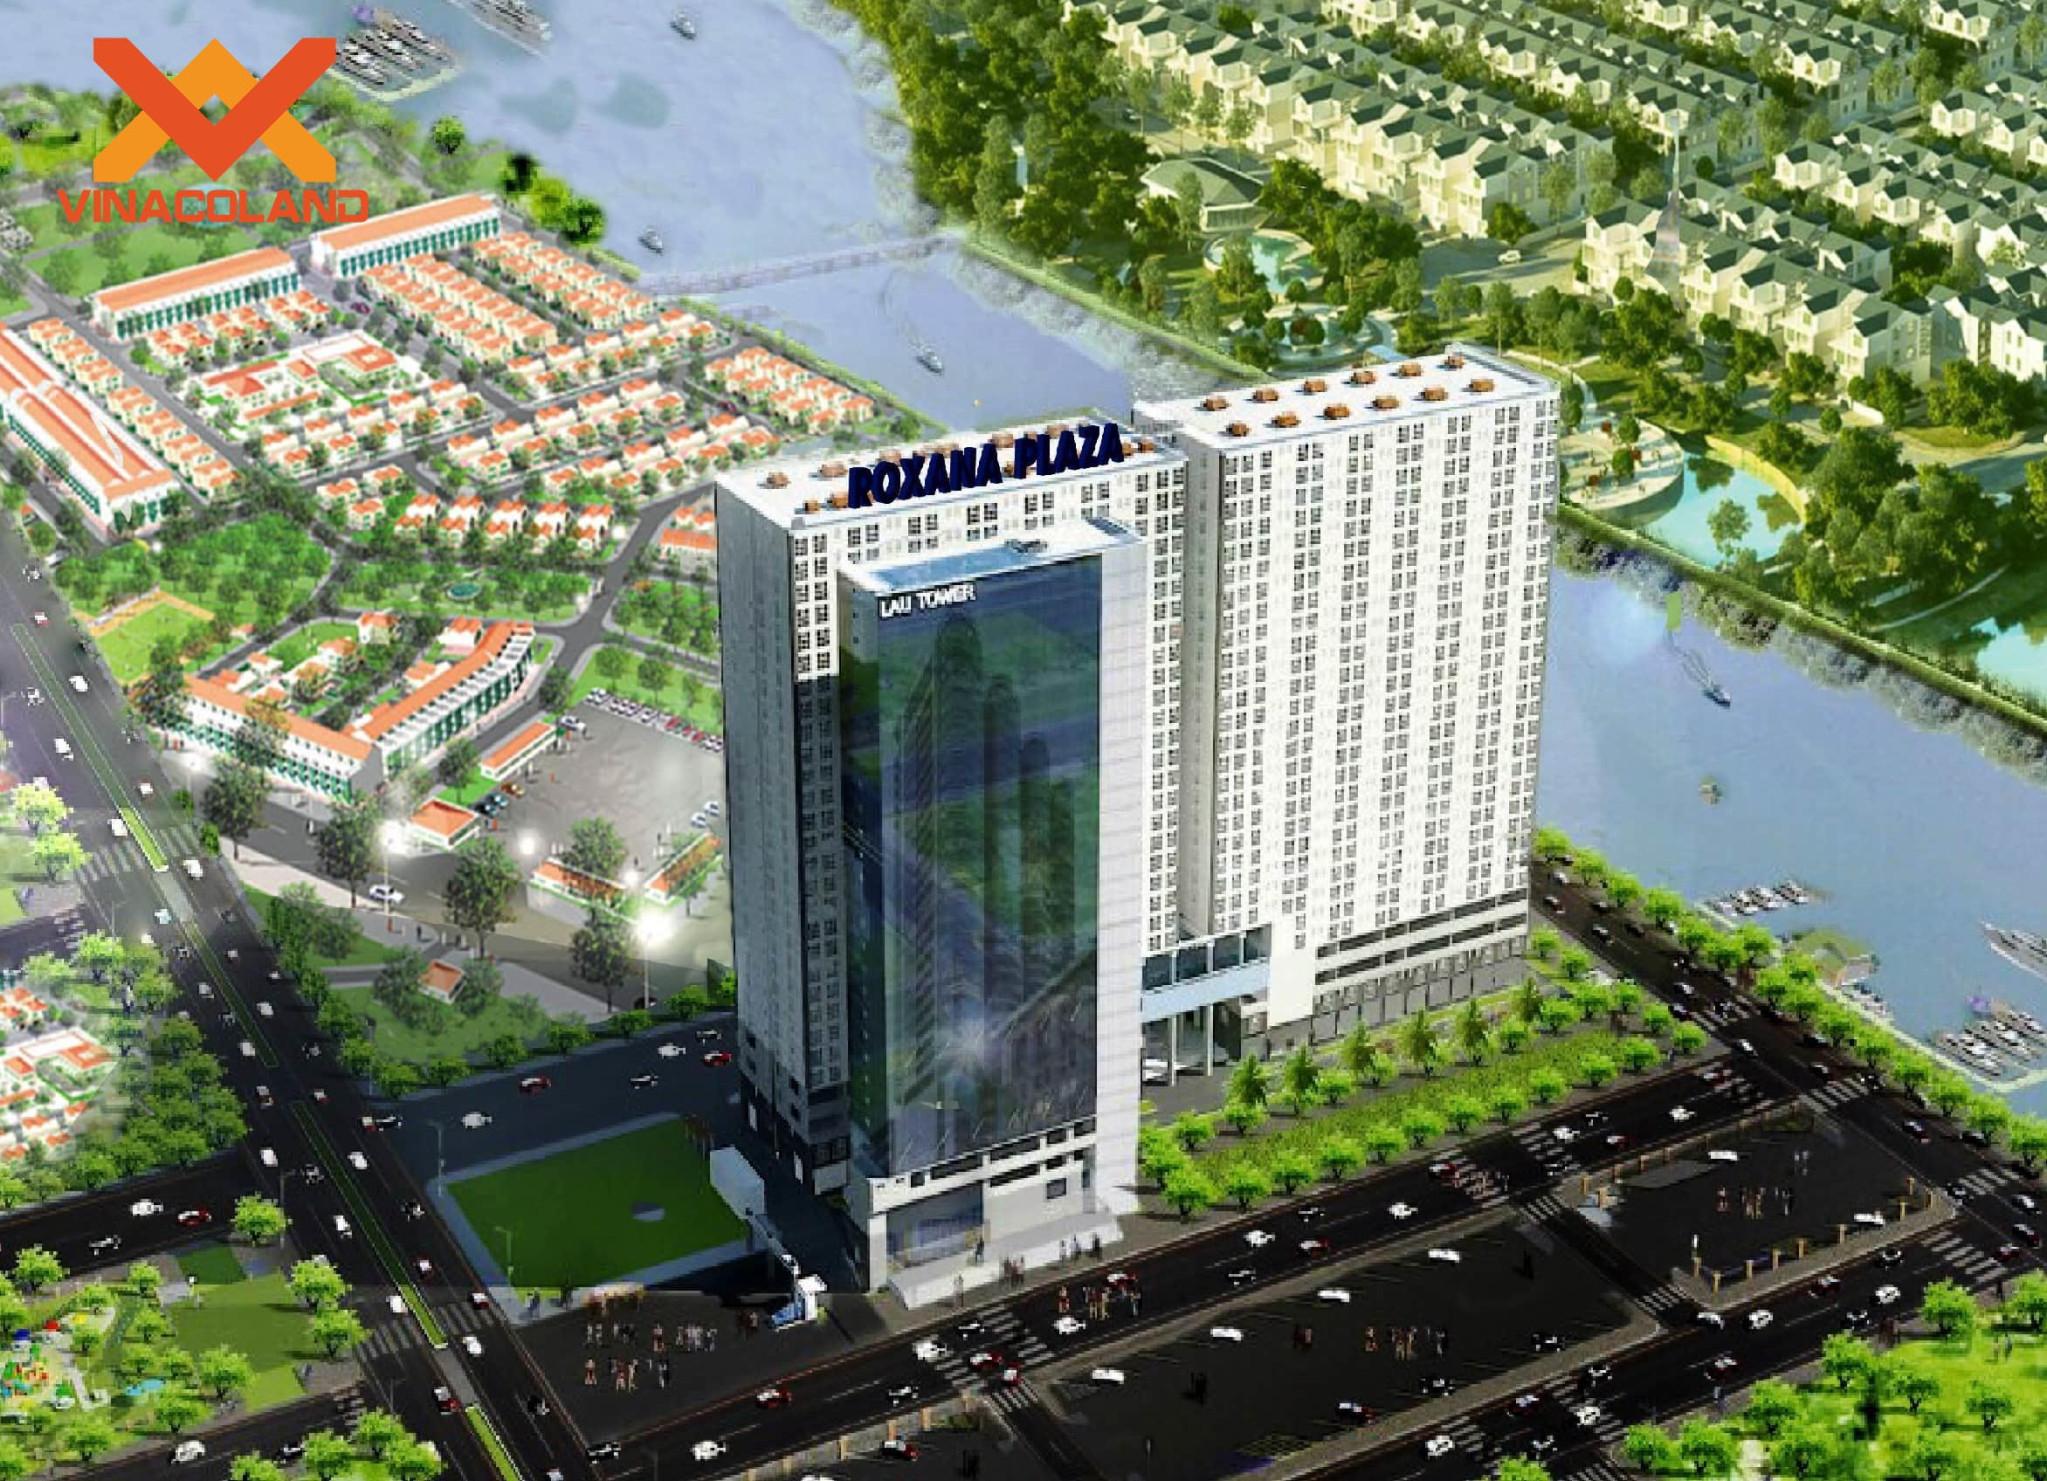 https://cdn.realtorvietnam.com/uploads/real_estate/7d3b046fd862373c6e73_1519786150.jpg